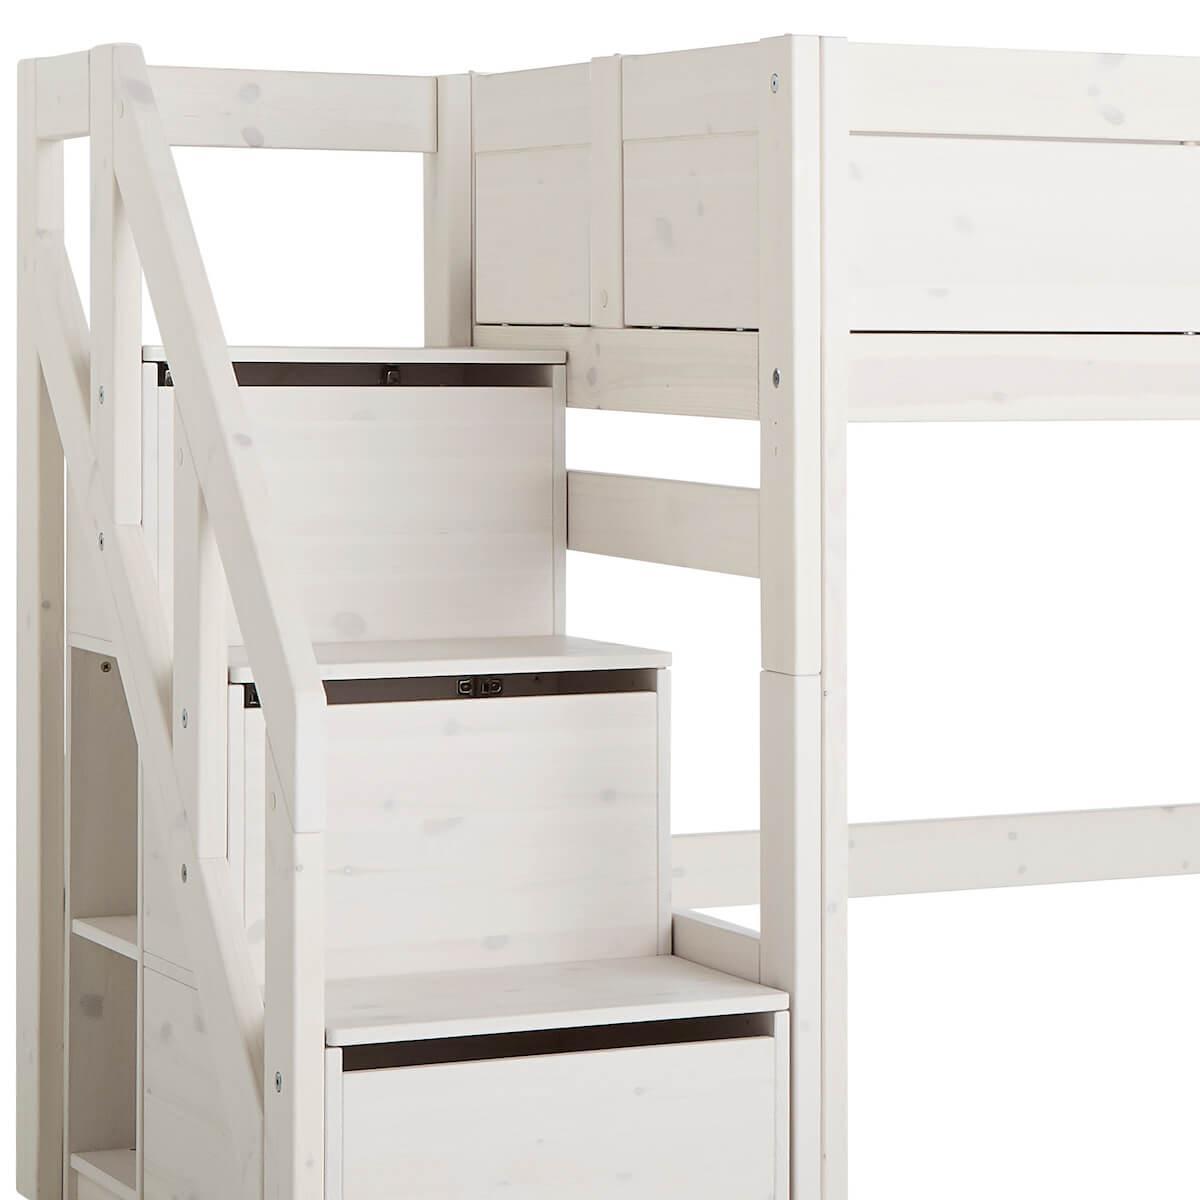 Cama media alta 90x200cm escalera cajones Lifetime blanqueado